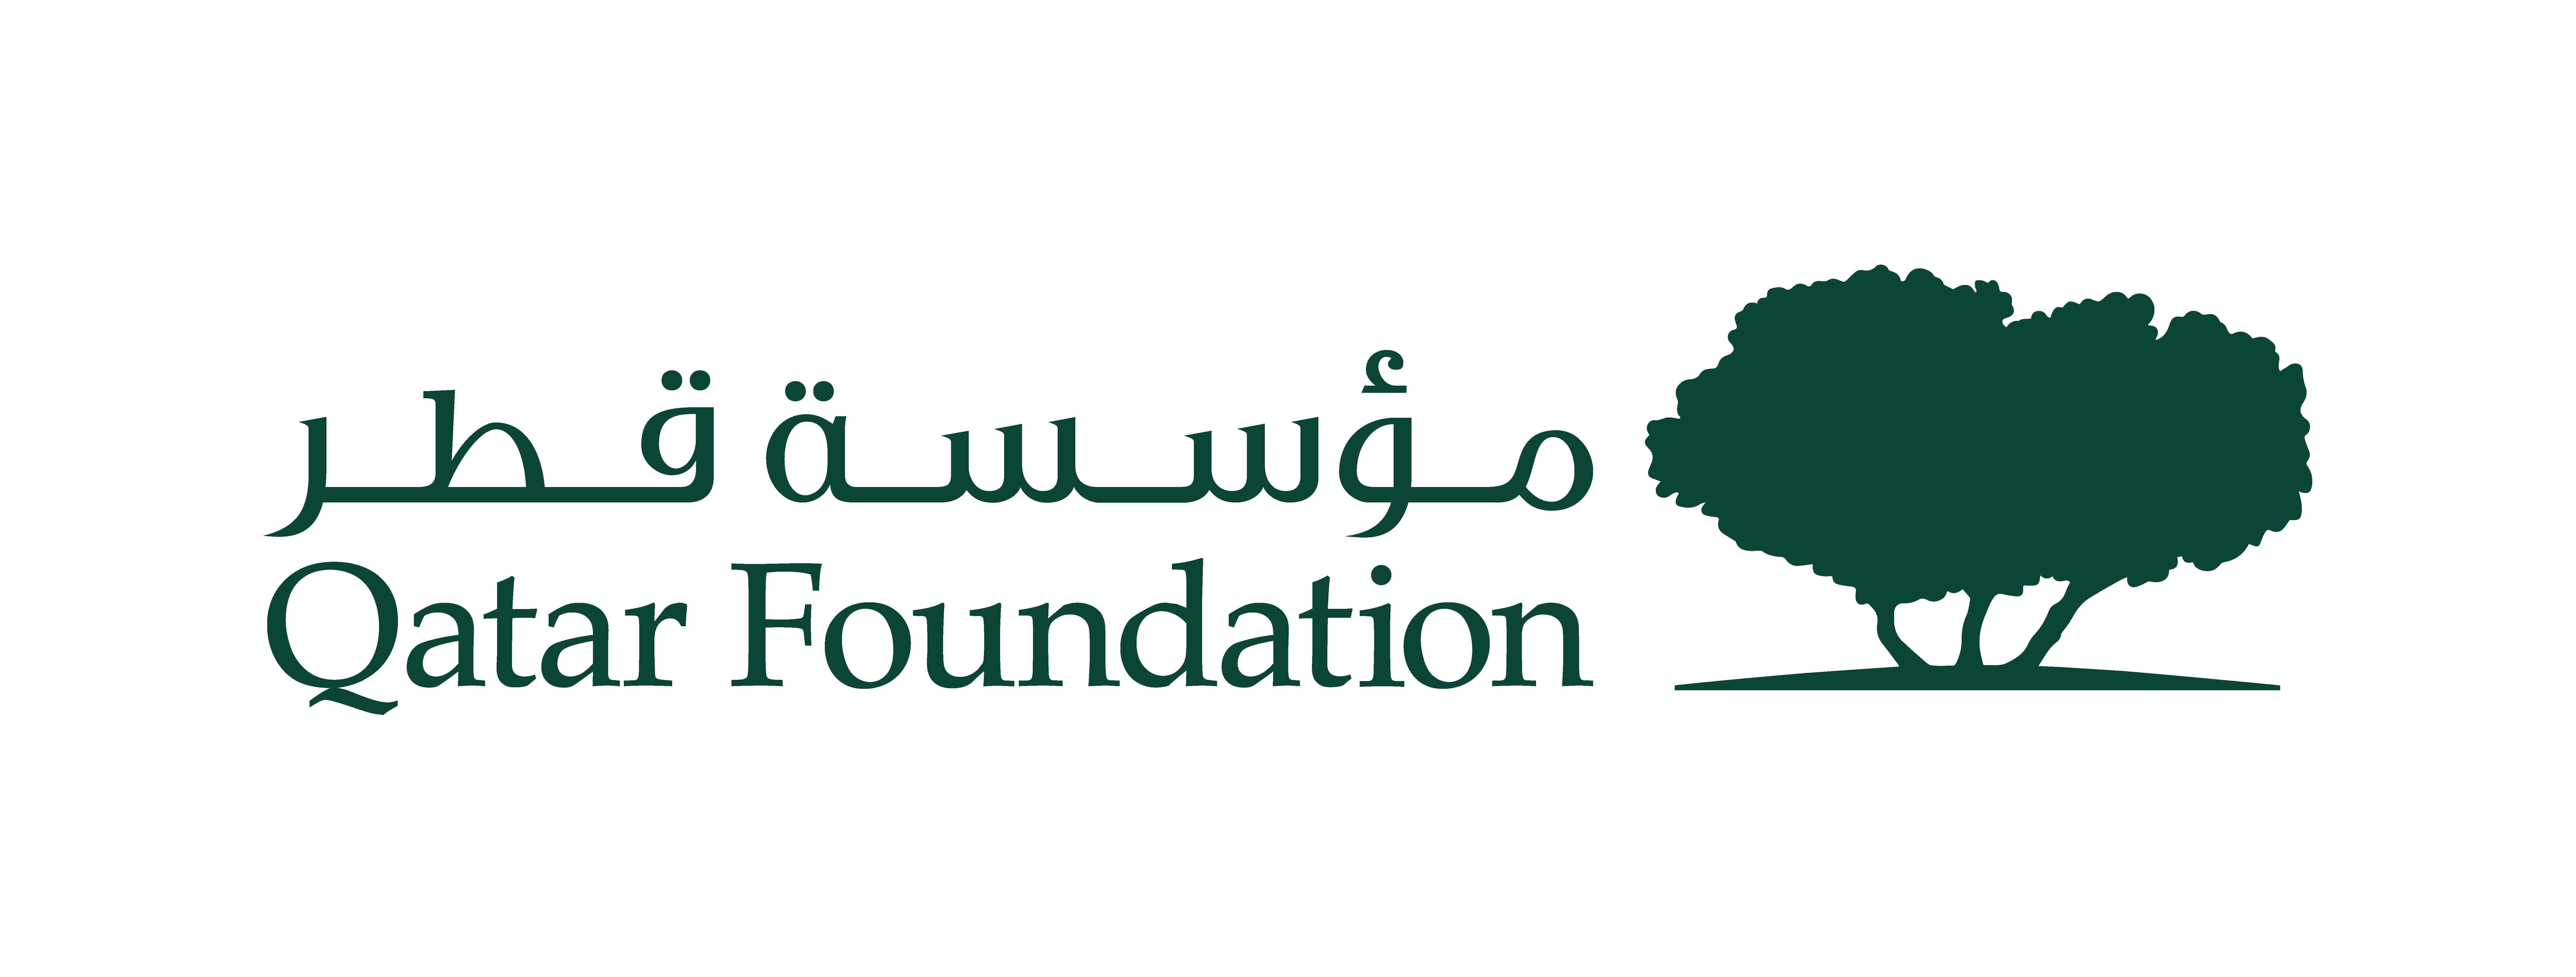 Qatar Foundation Football Class-Term 1